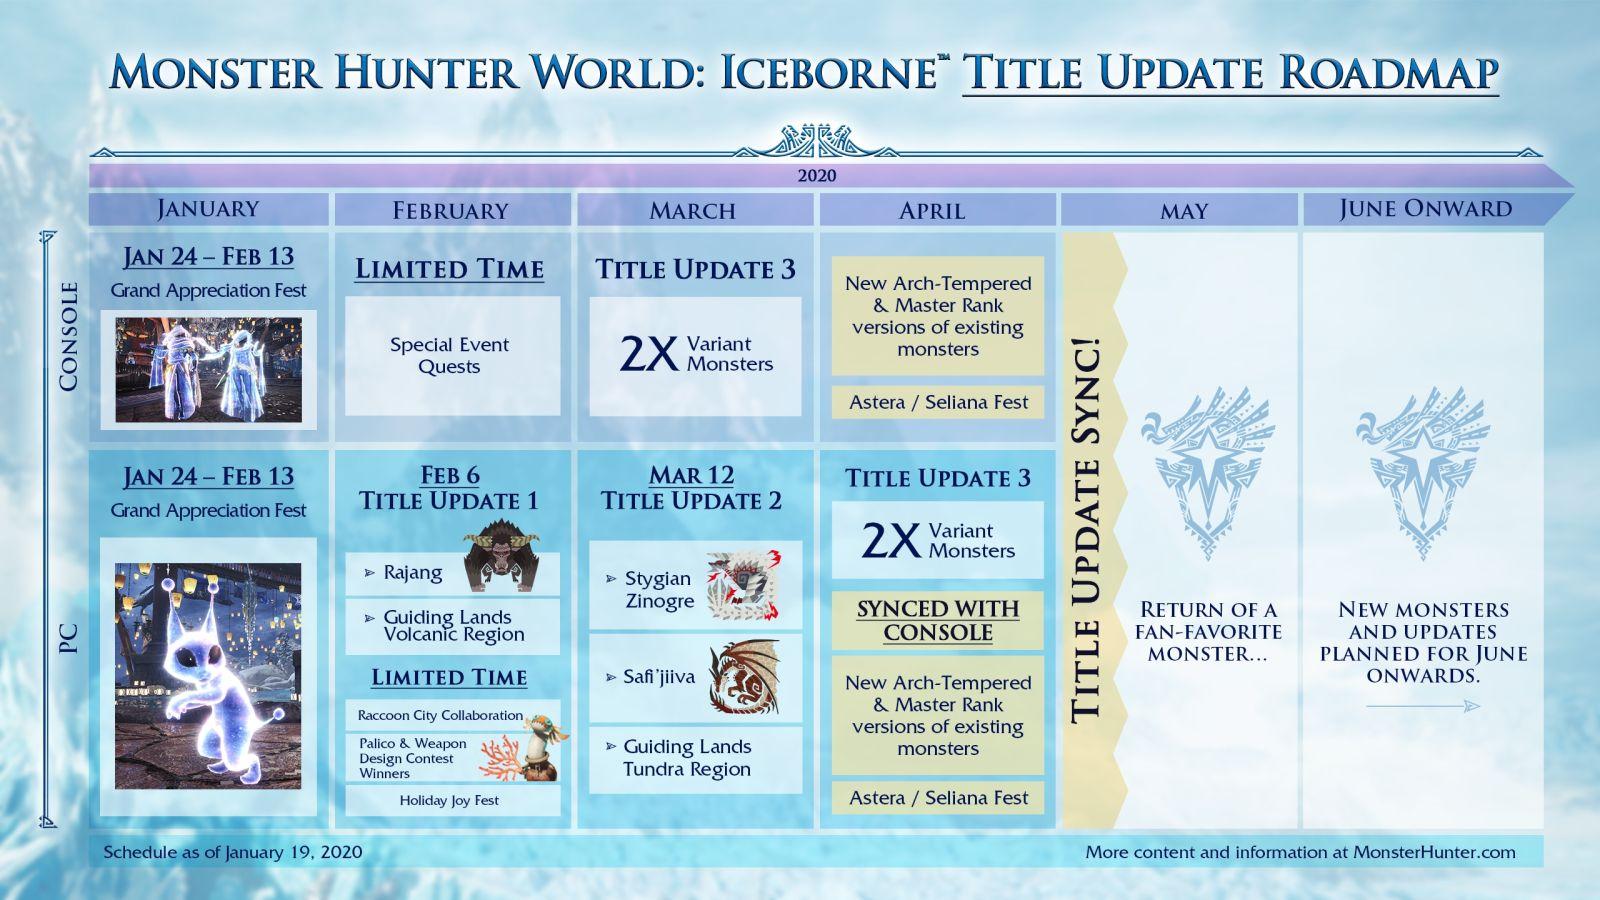 Monster Hunter World Iceborne Roadmap 2